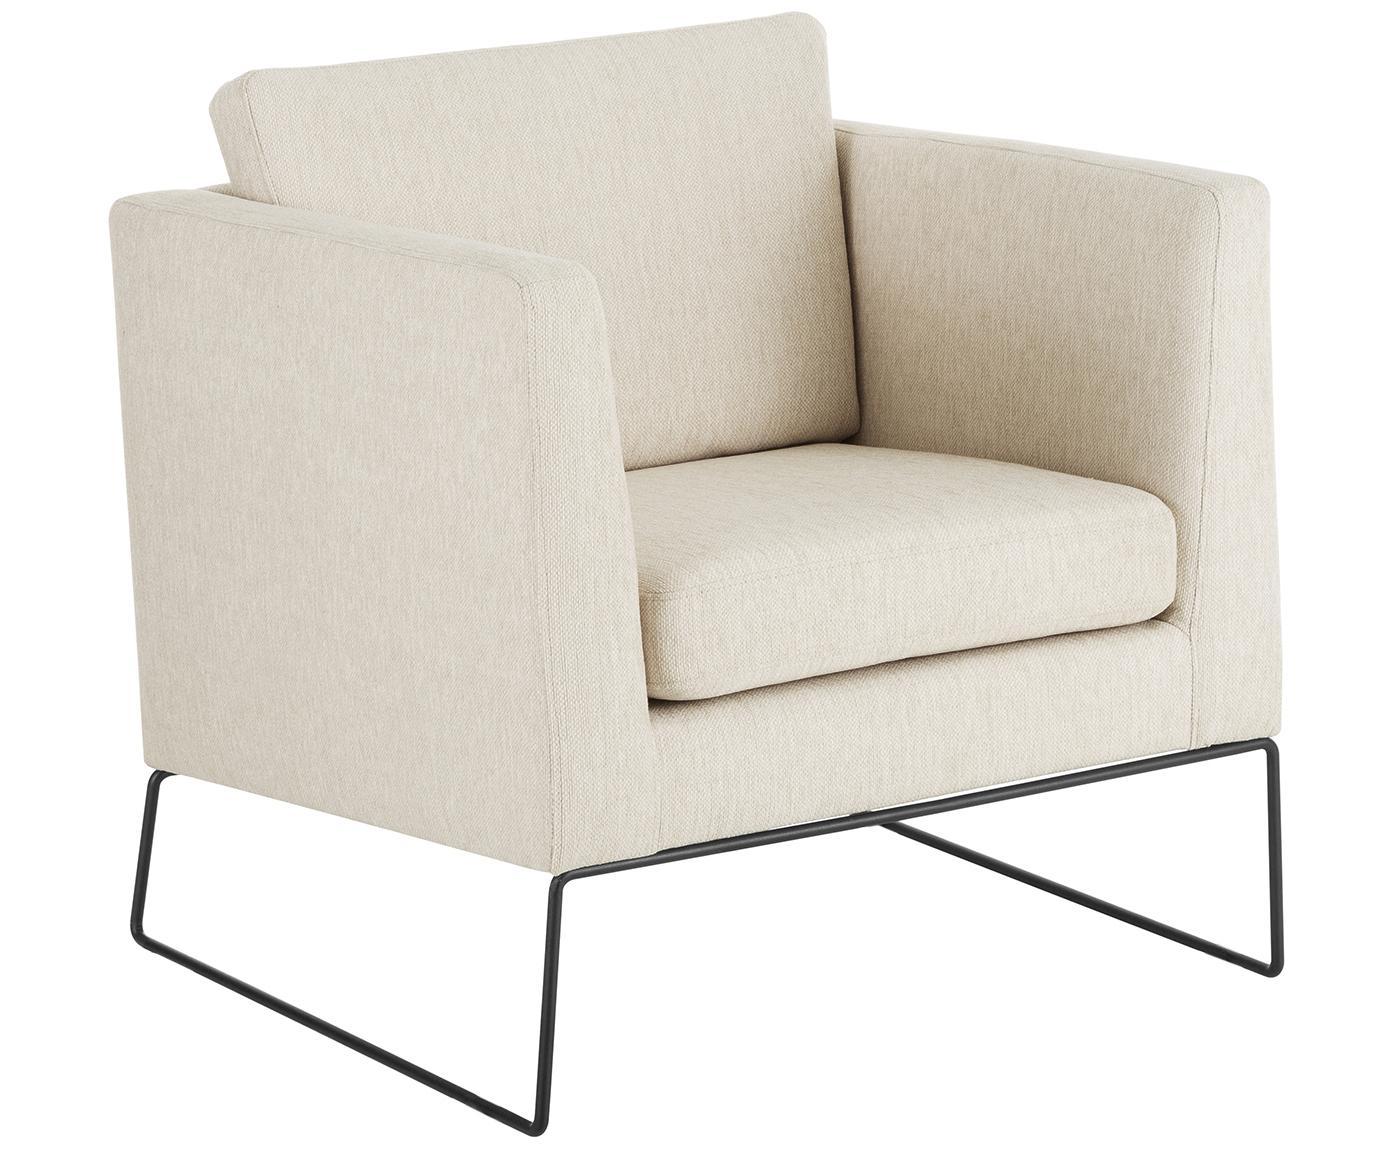 Fotel Milo, Tapicerka: wysokiej jakości osłona z, Stelaż: drewno sosnowe, Nogi: metal lakierowany, Beżowy, S 77 x W 75 cm